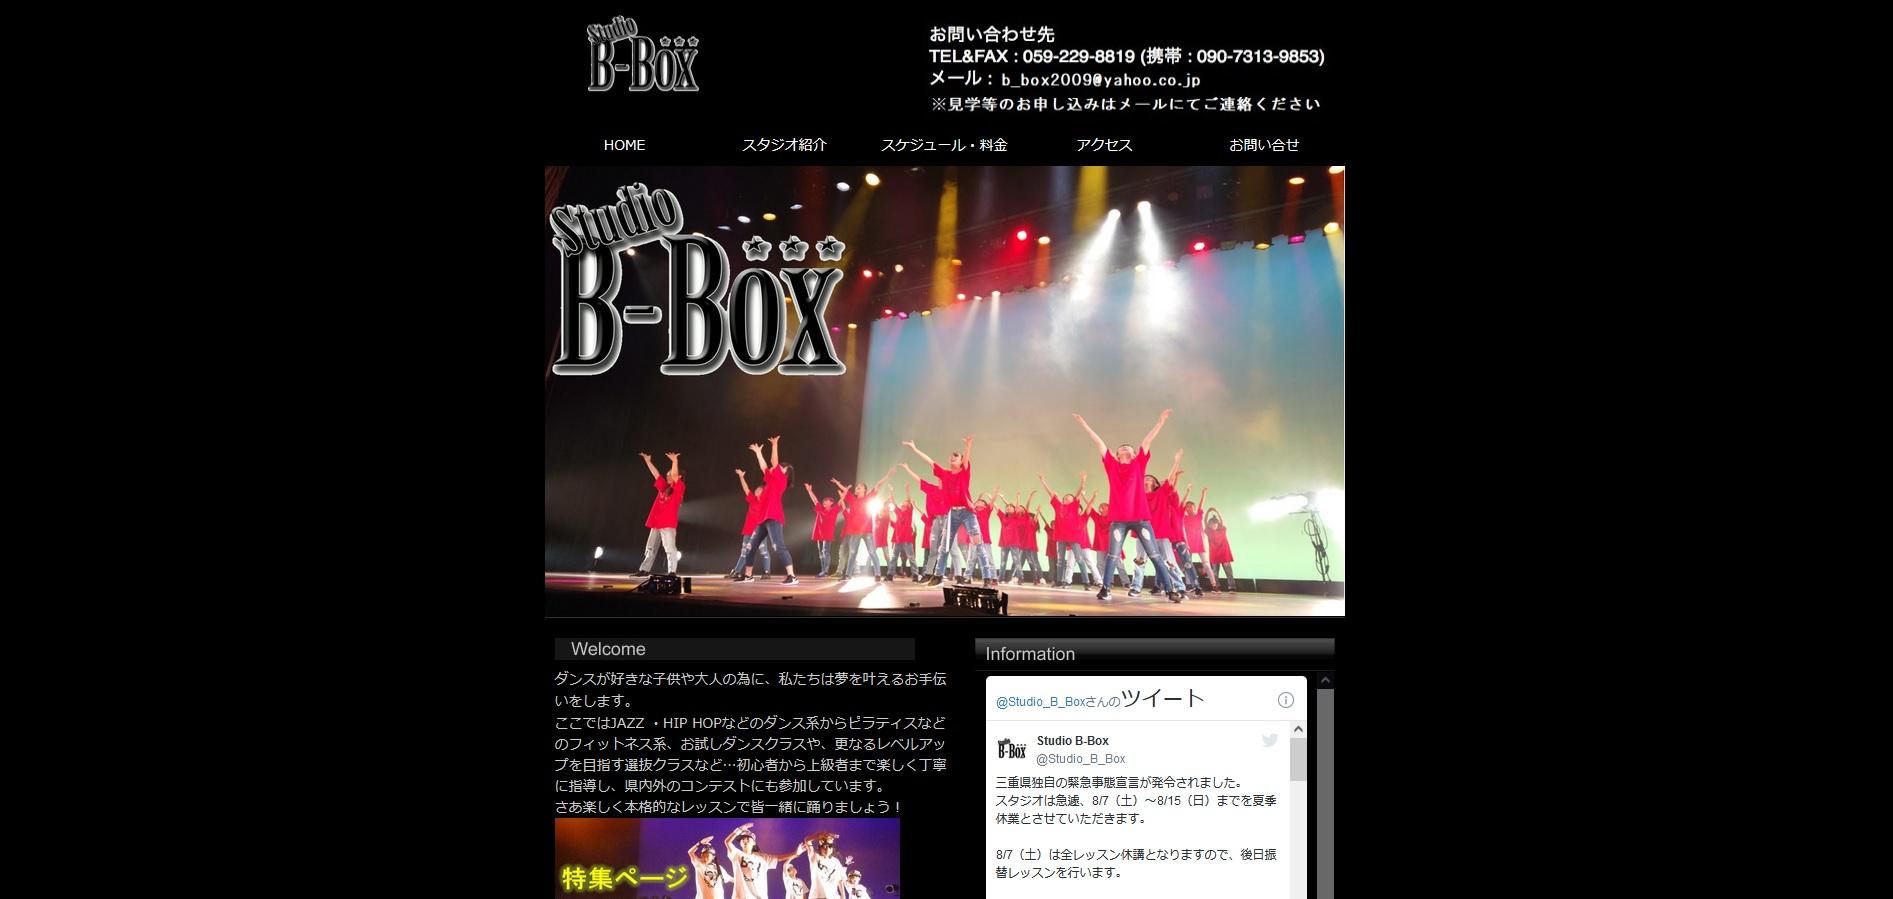 ダンススタジオB-BOX